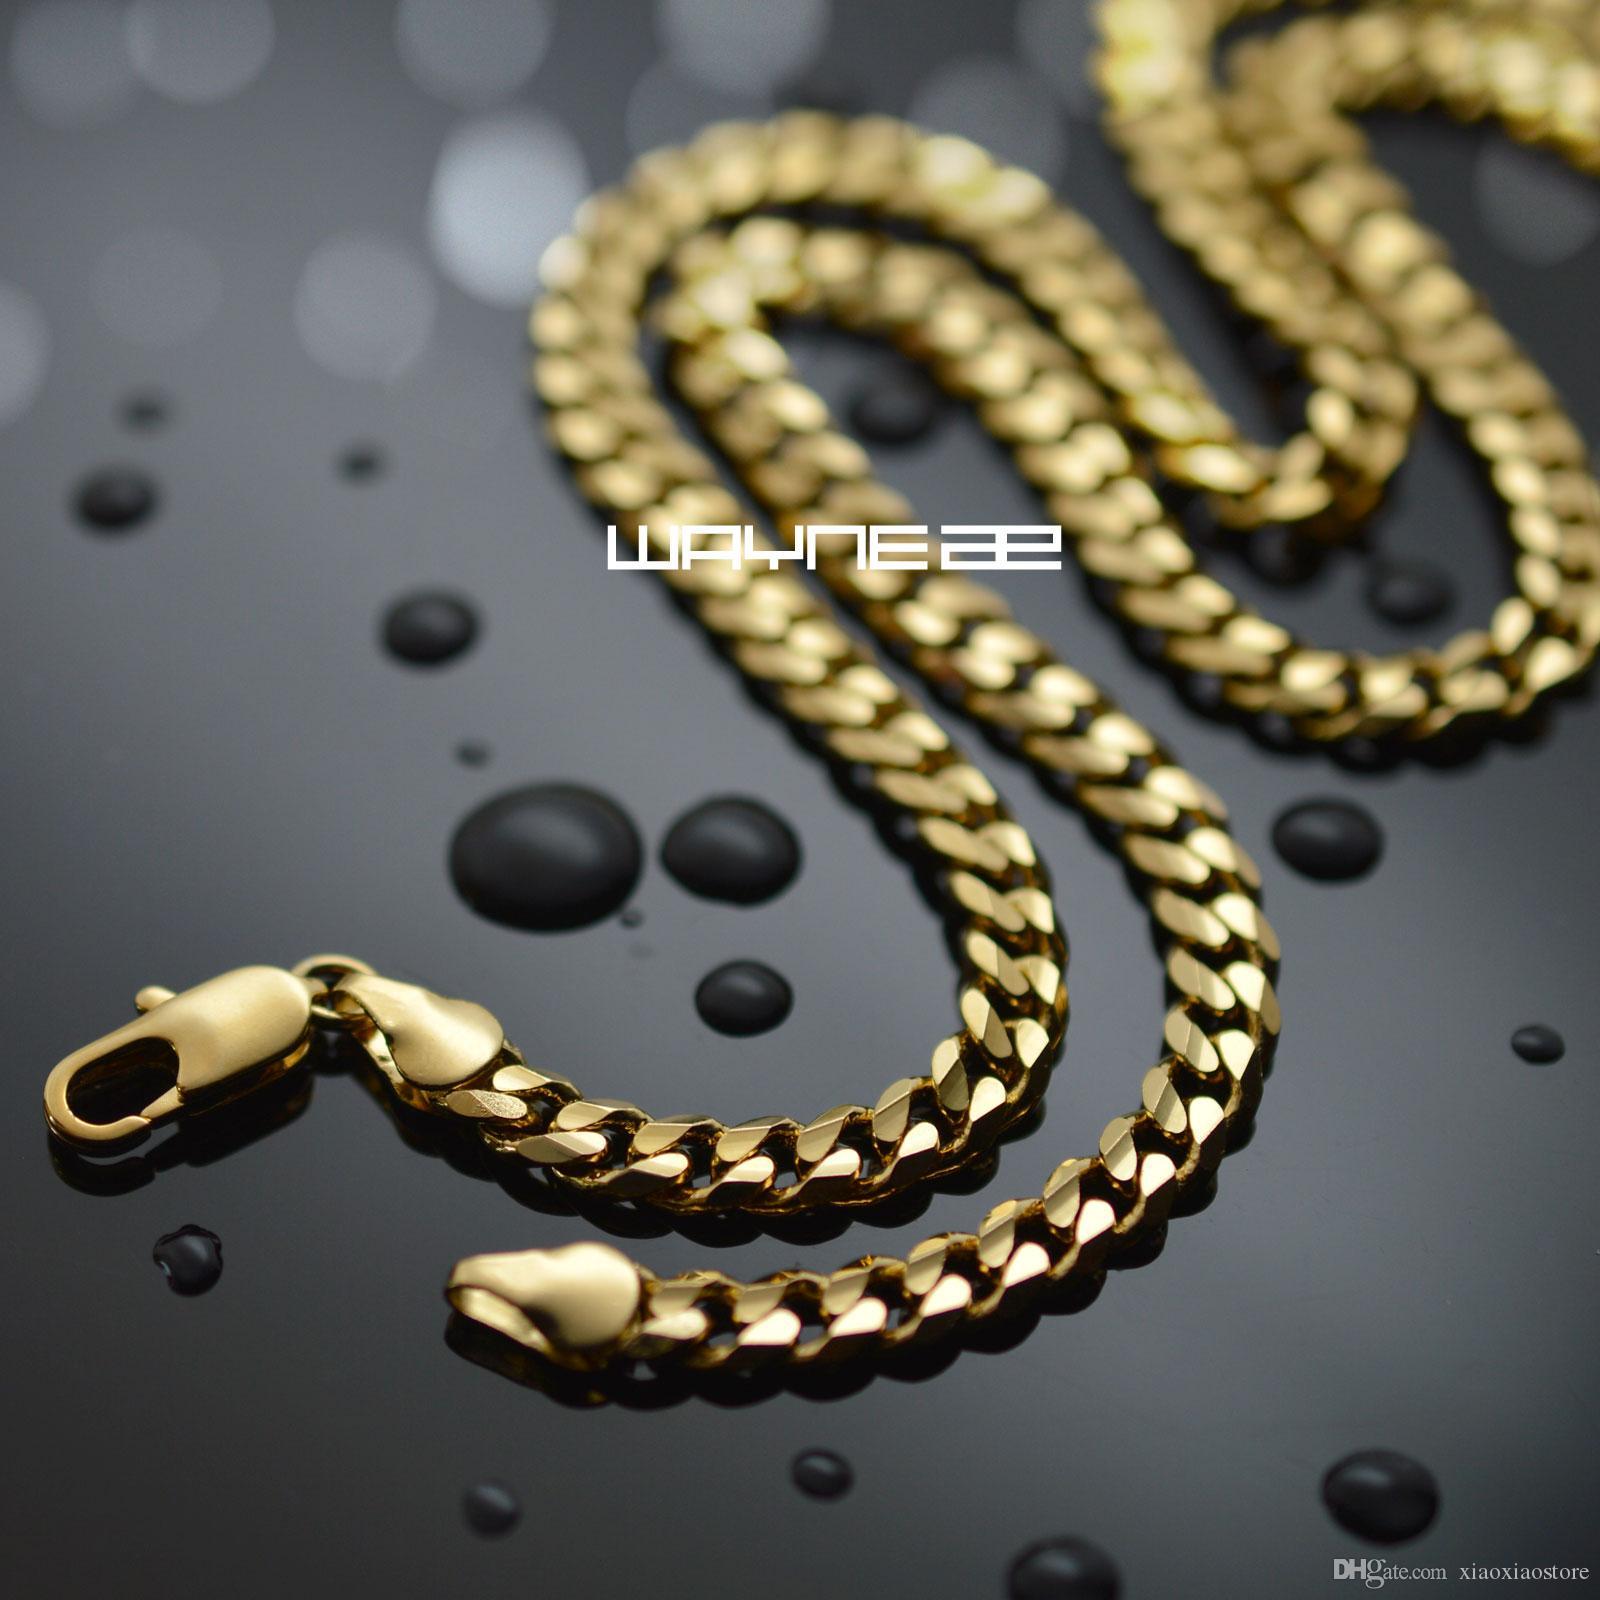 n313-18k золото GF мужские твердые цепи 19.68 дюймов ожерелье снаряженном состоянии ссылка ювелирные изделия